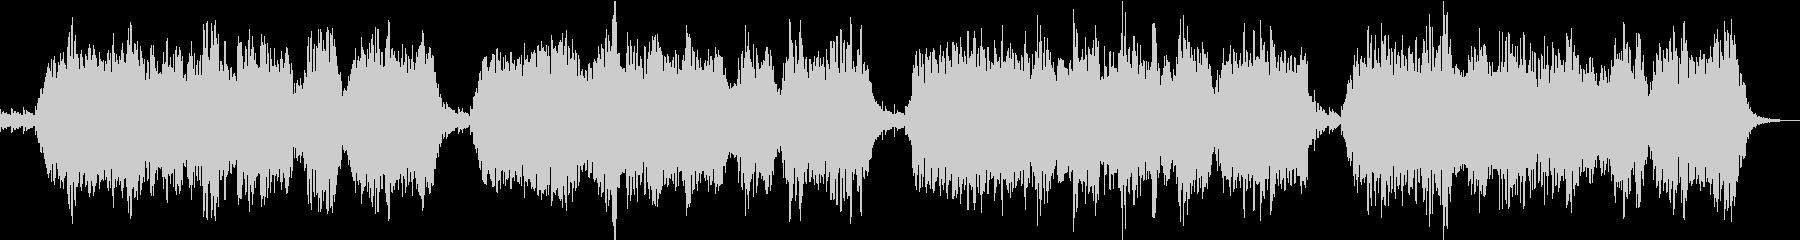 ソルフェジオ周波数を使ったヒーリング音楽の未再生の波形